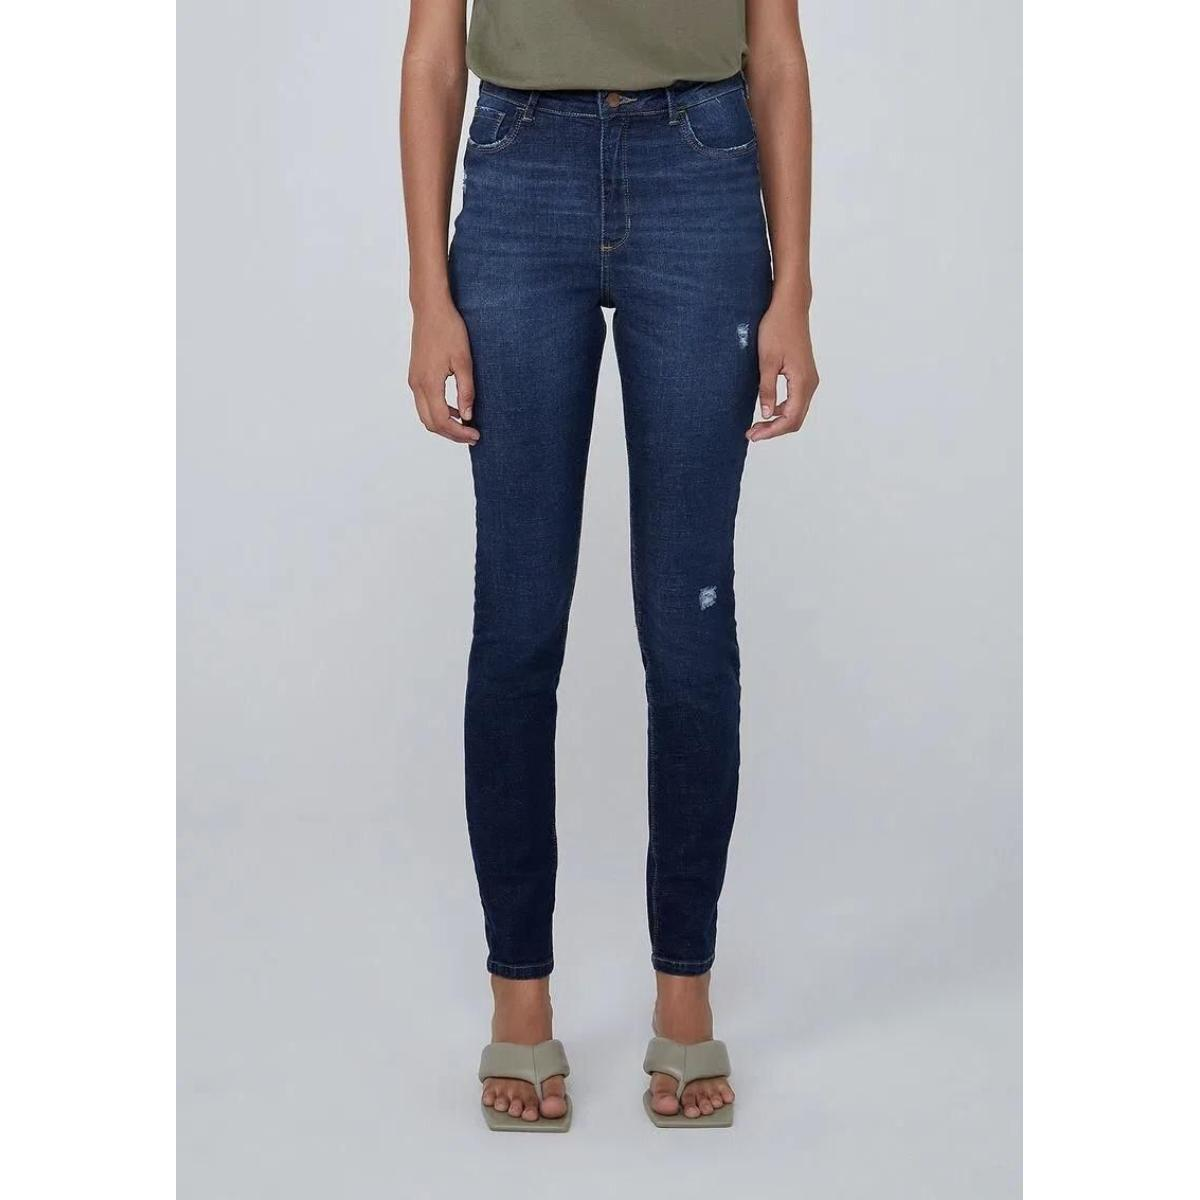 Calça Feminina Dzarm Zu75 1asn Jeans Escuro